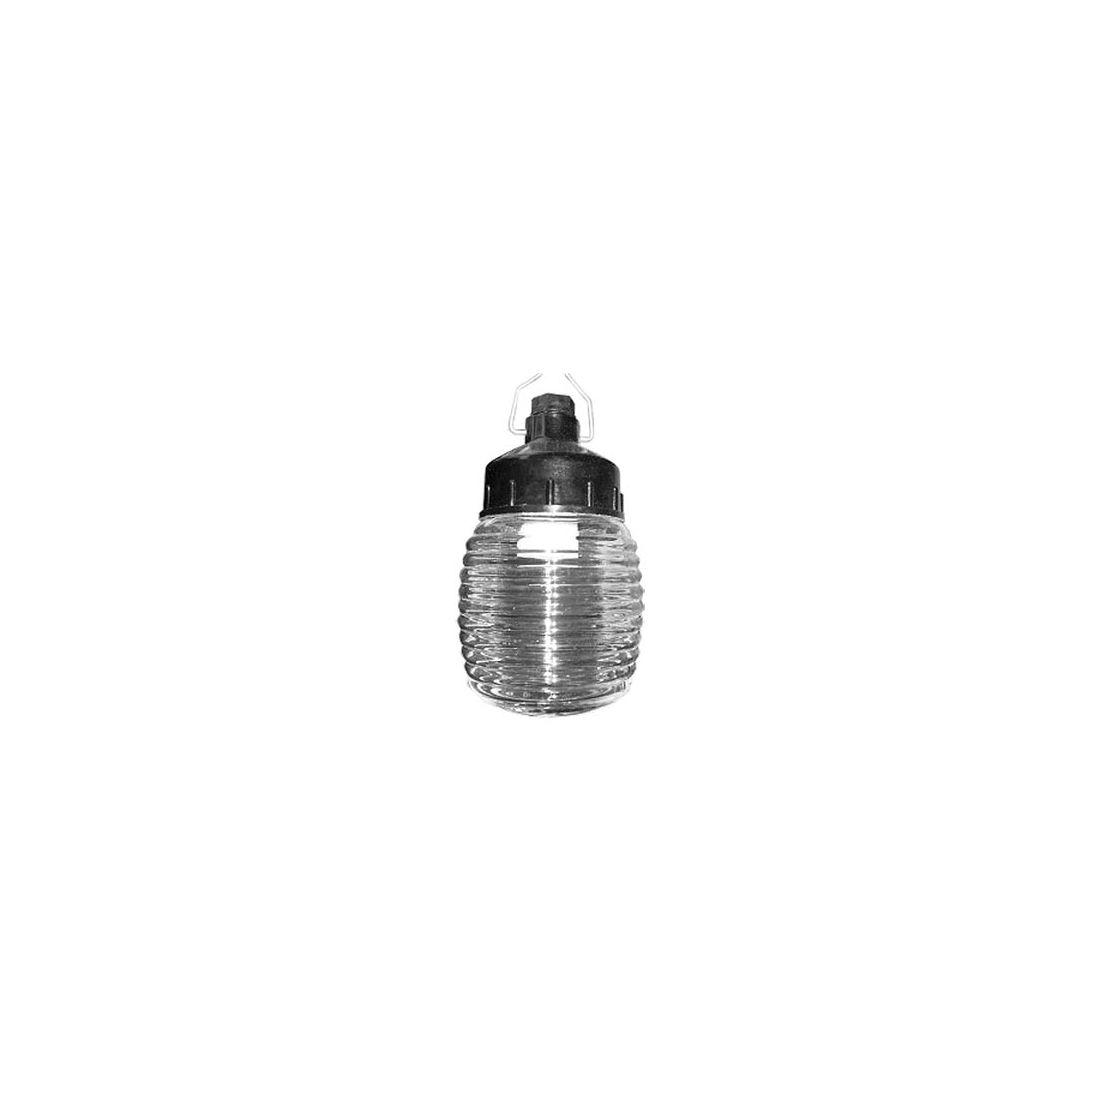 Светильник Элетех НСП 03-60 бочонок IP 53 (238) + пластиковое основание